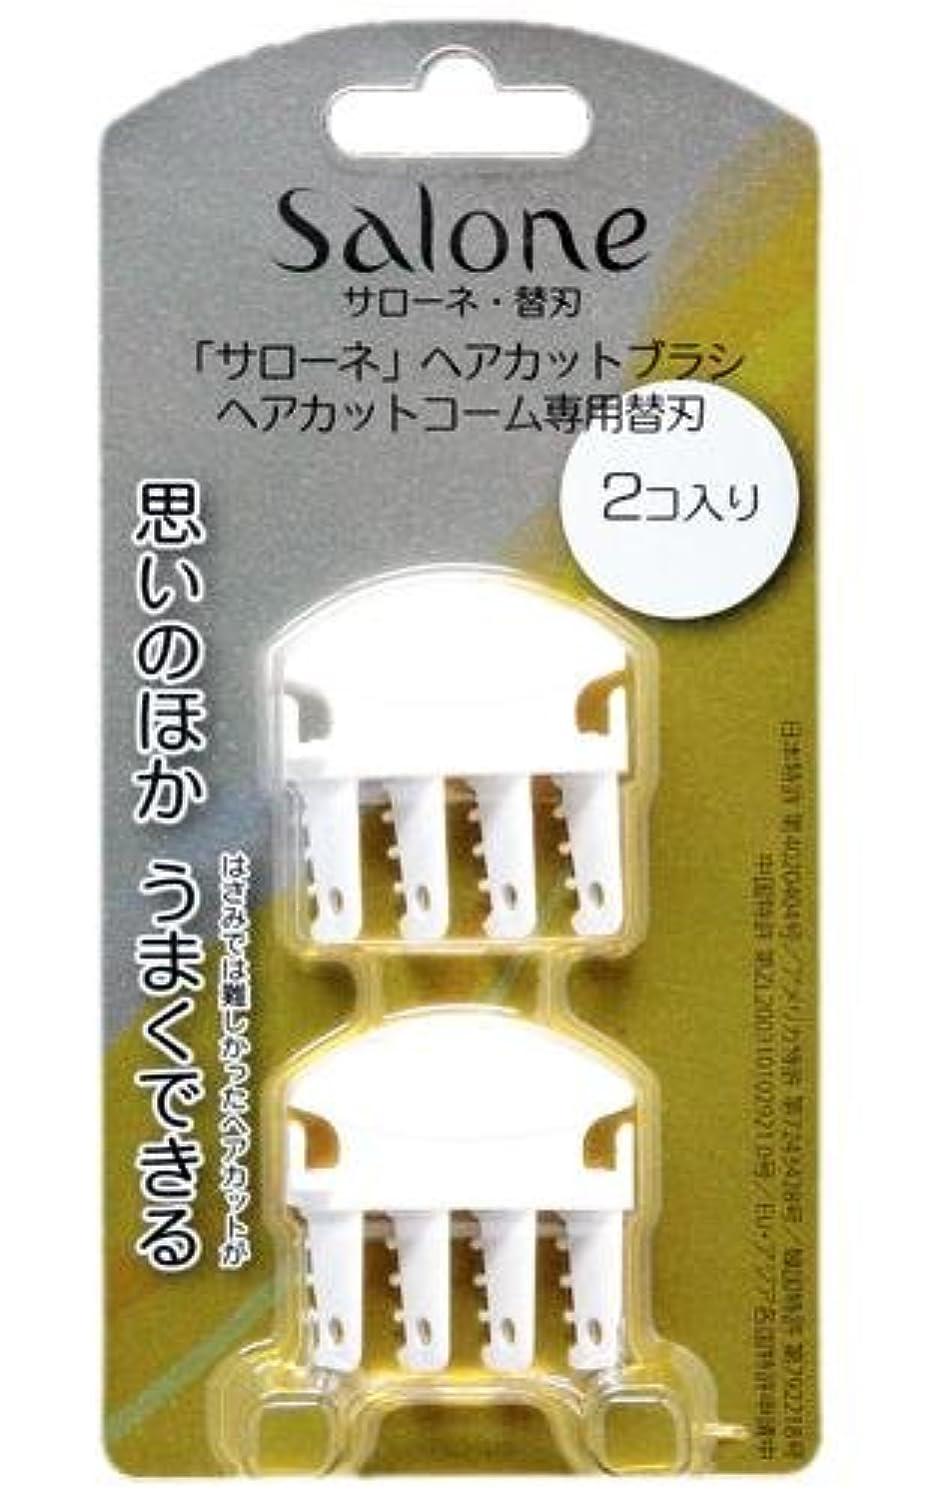 チート公平近々「サローネ」ヘアカットブラシ ヘアカットコーム専用替刃